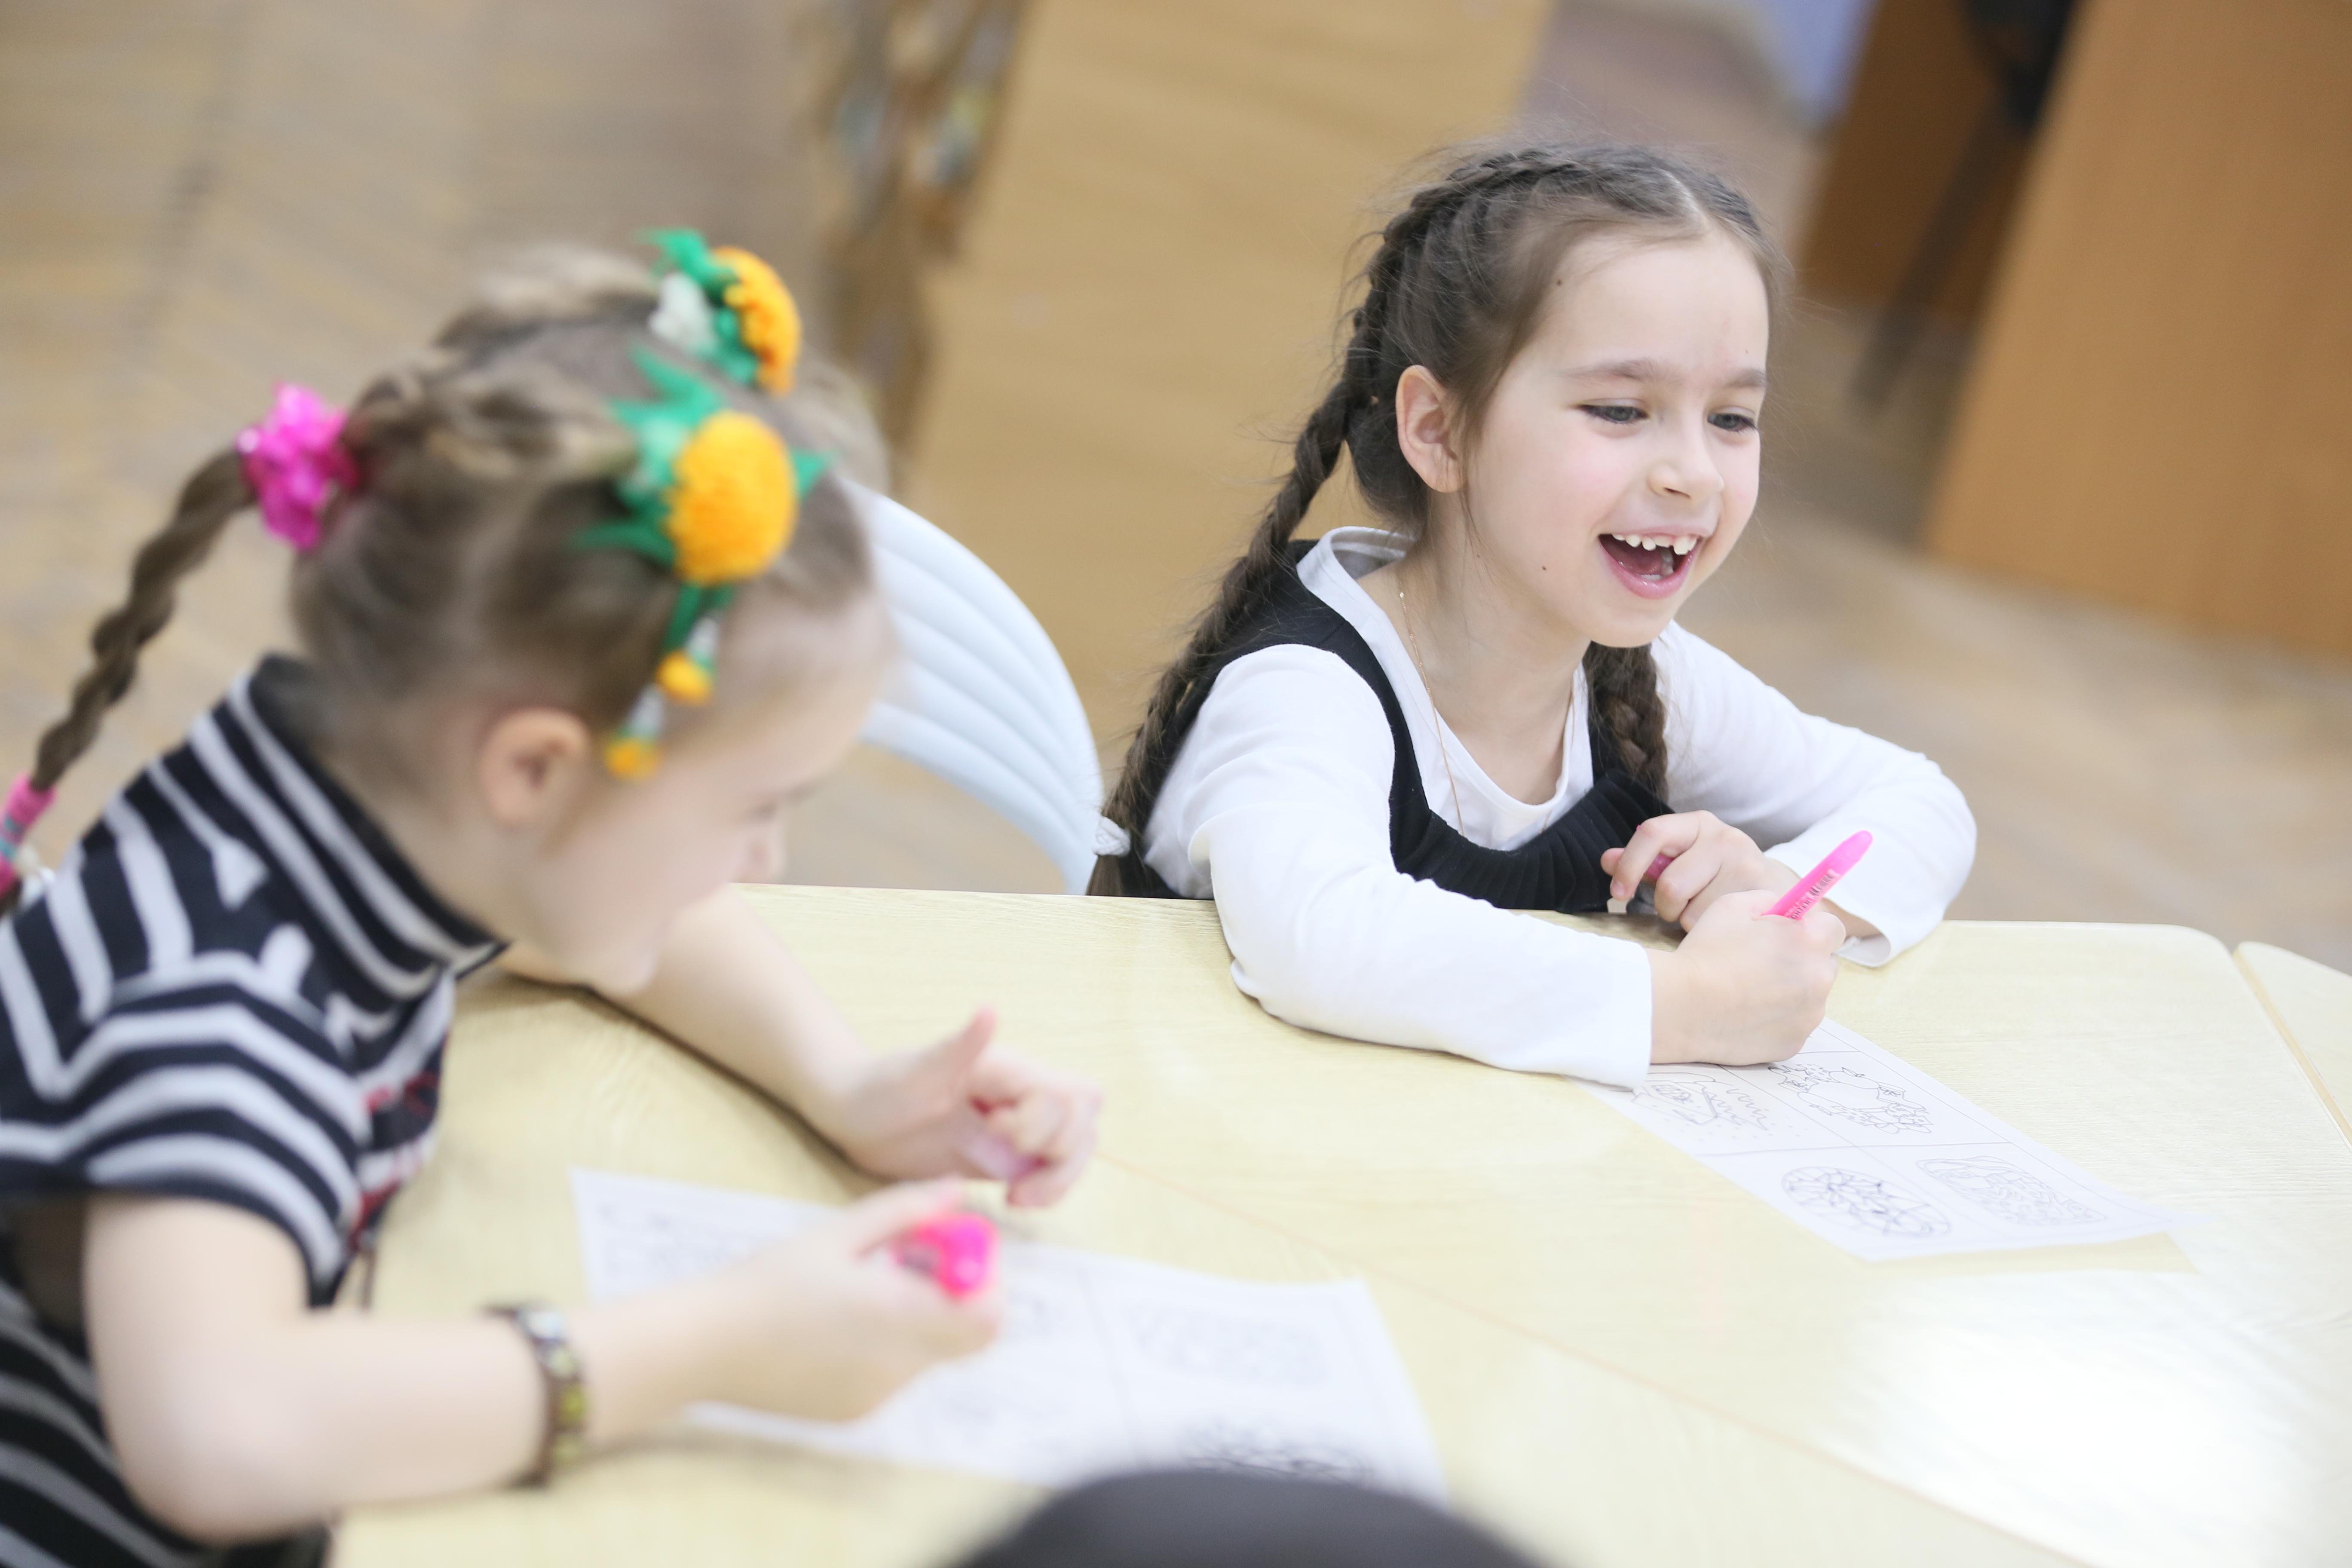 Библиотека №258 в поселении Воскресенское запустила конкурс